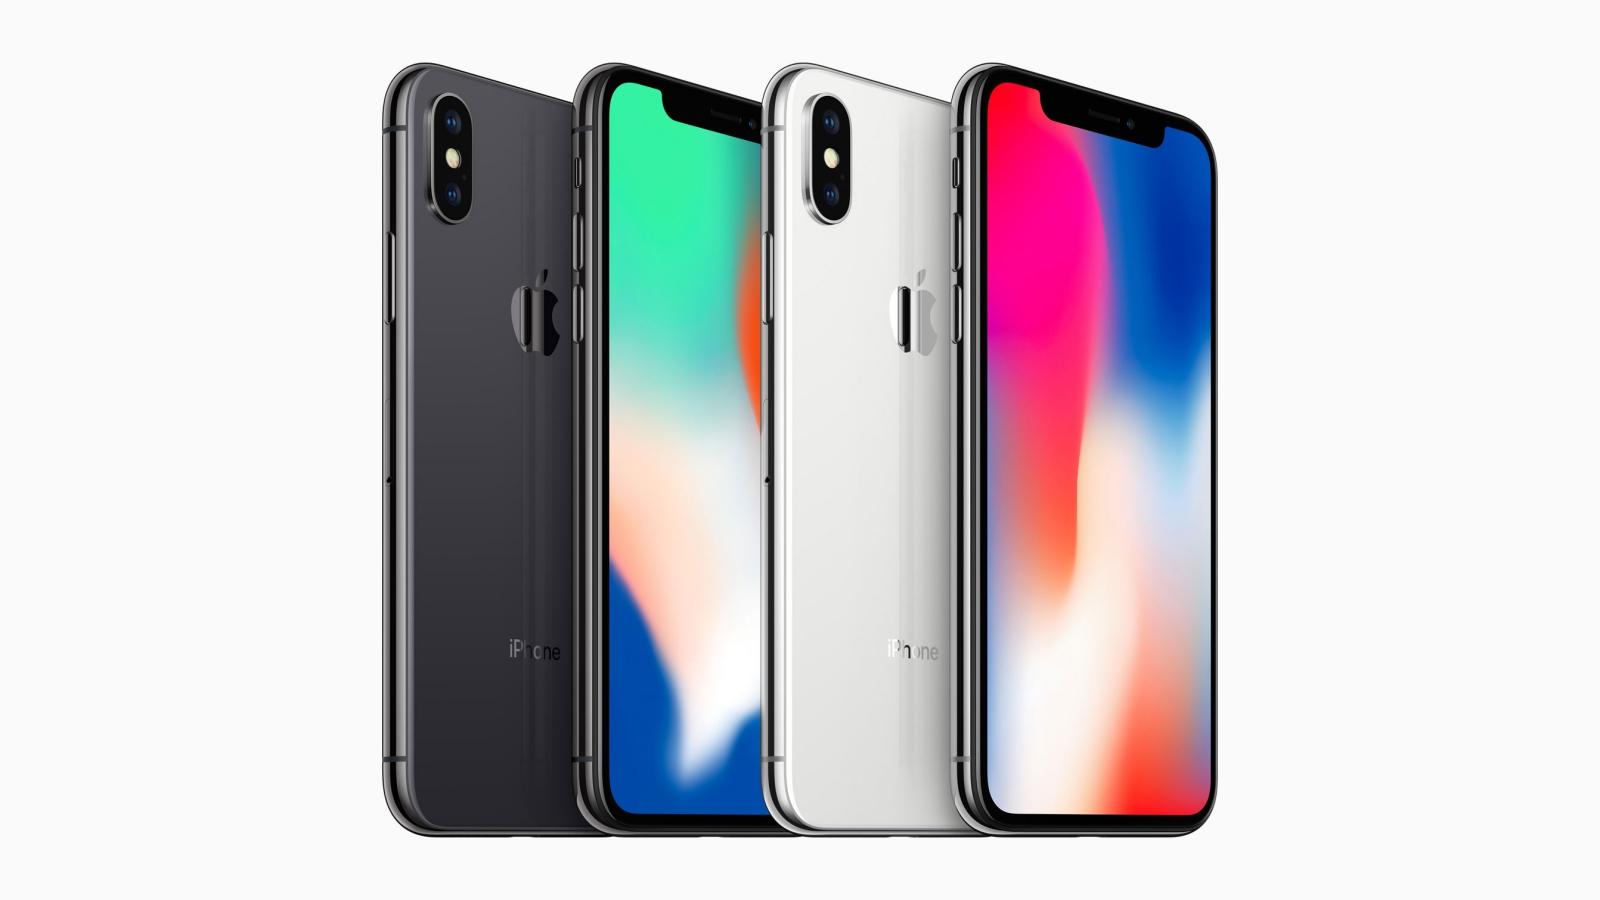 Apple, nel 2019 gli iPhone avranno schermi OLED e tripla fotocamera thumbnail